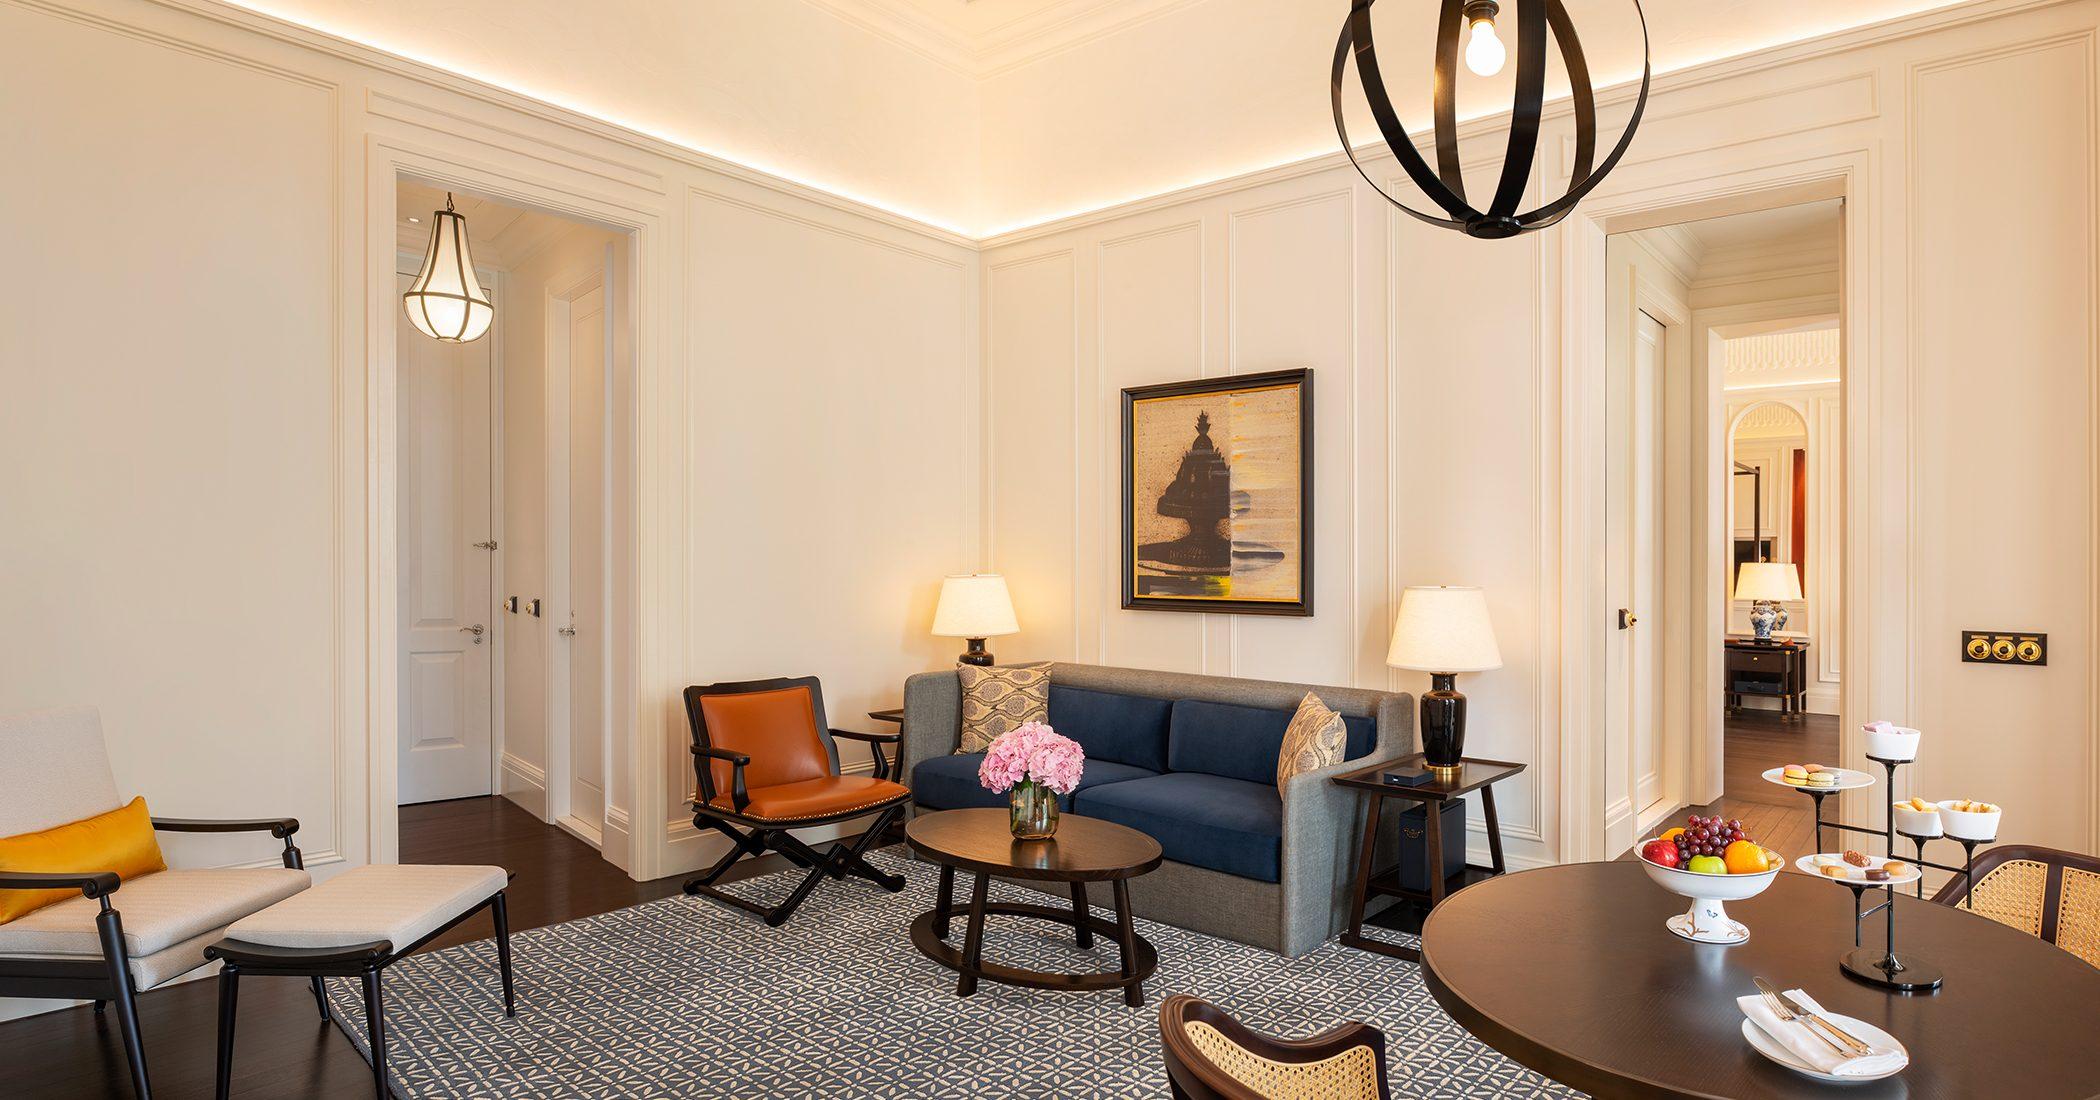 Raffles Singapore - Grand Hotel Suites